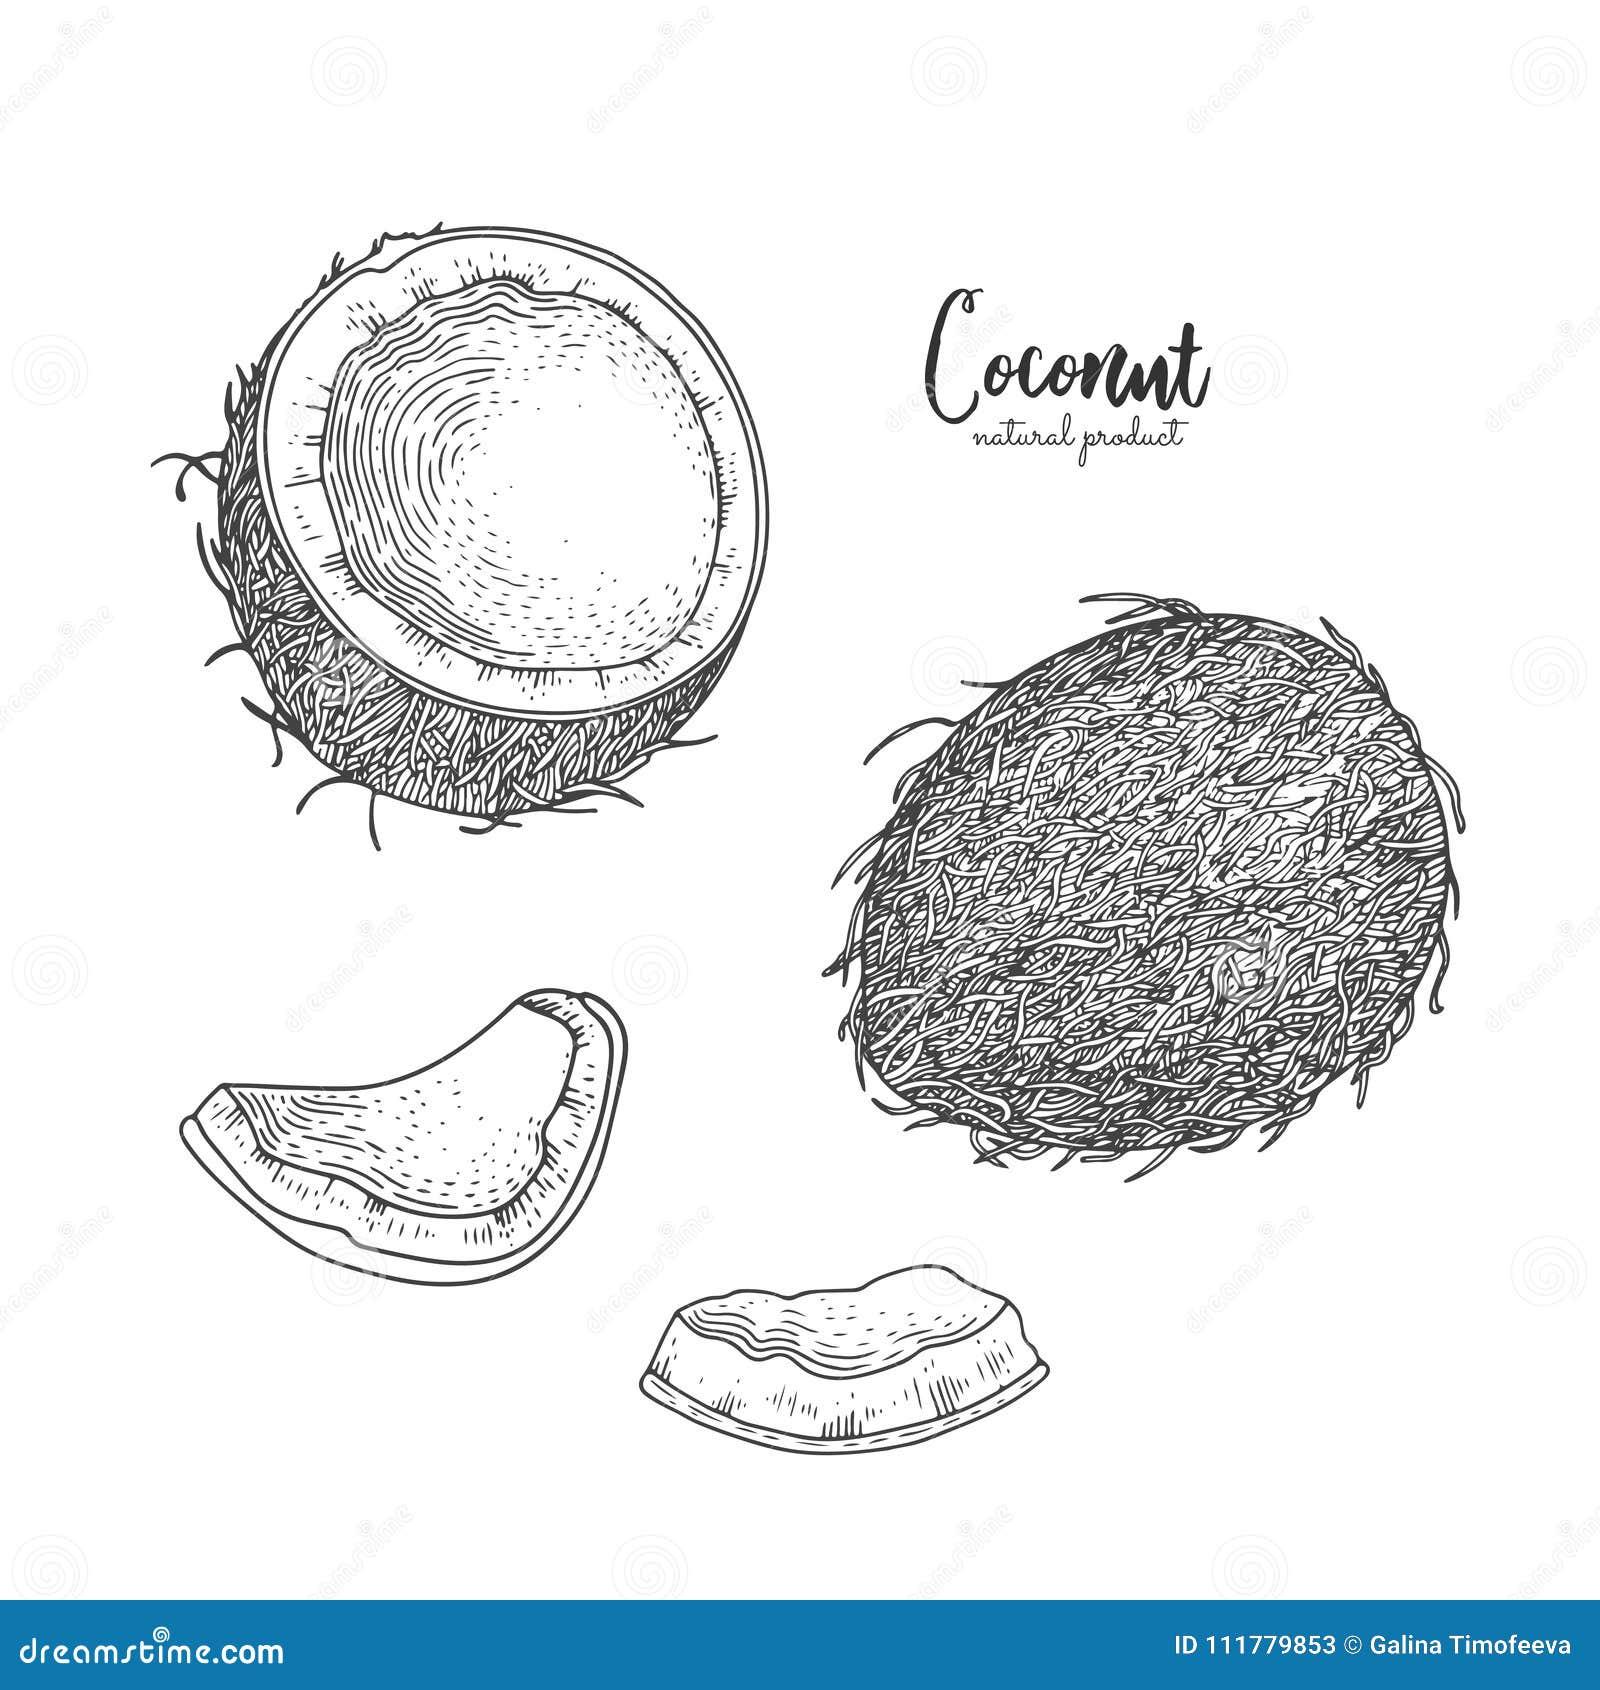 Συρμένη χέρι απεικόνιση της καρύδας που απομονώνεται στο άσπρο υπόβαθρο Χαραγμένη τέχνη Τροπικά χορτοφάγα αντικείμενα Χρήση για